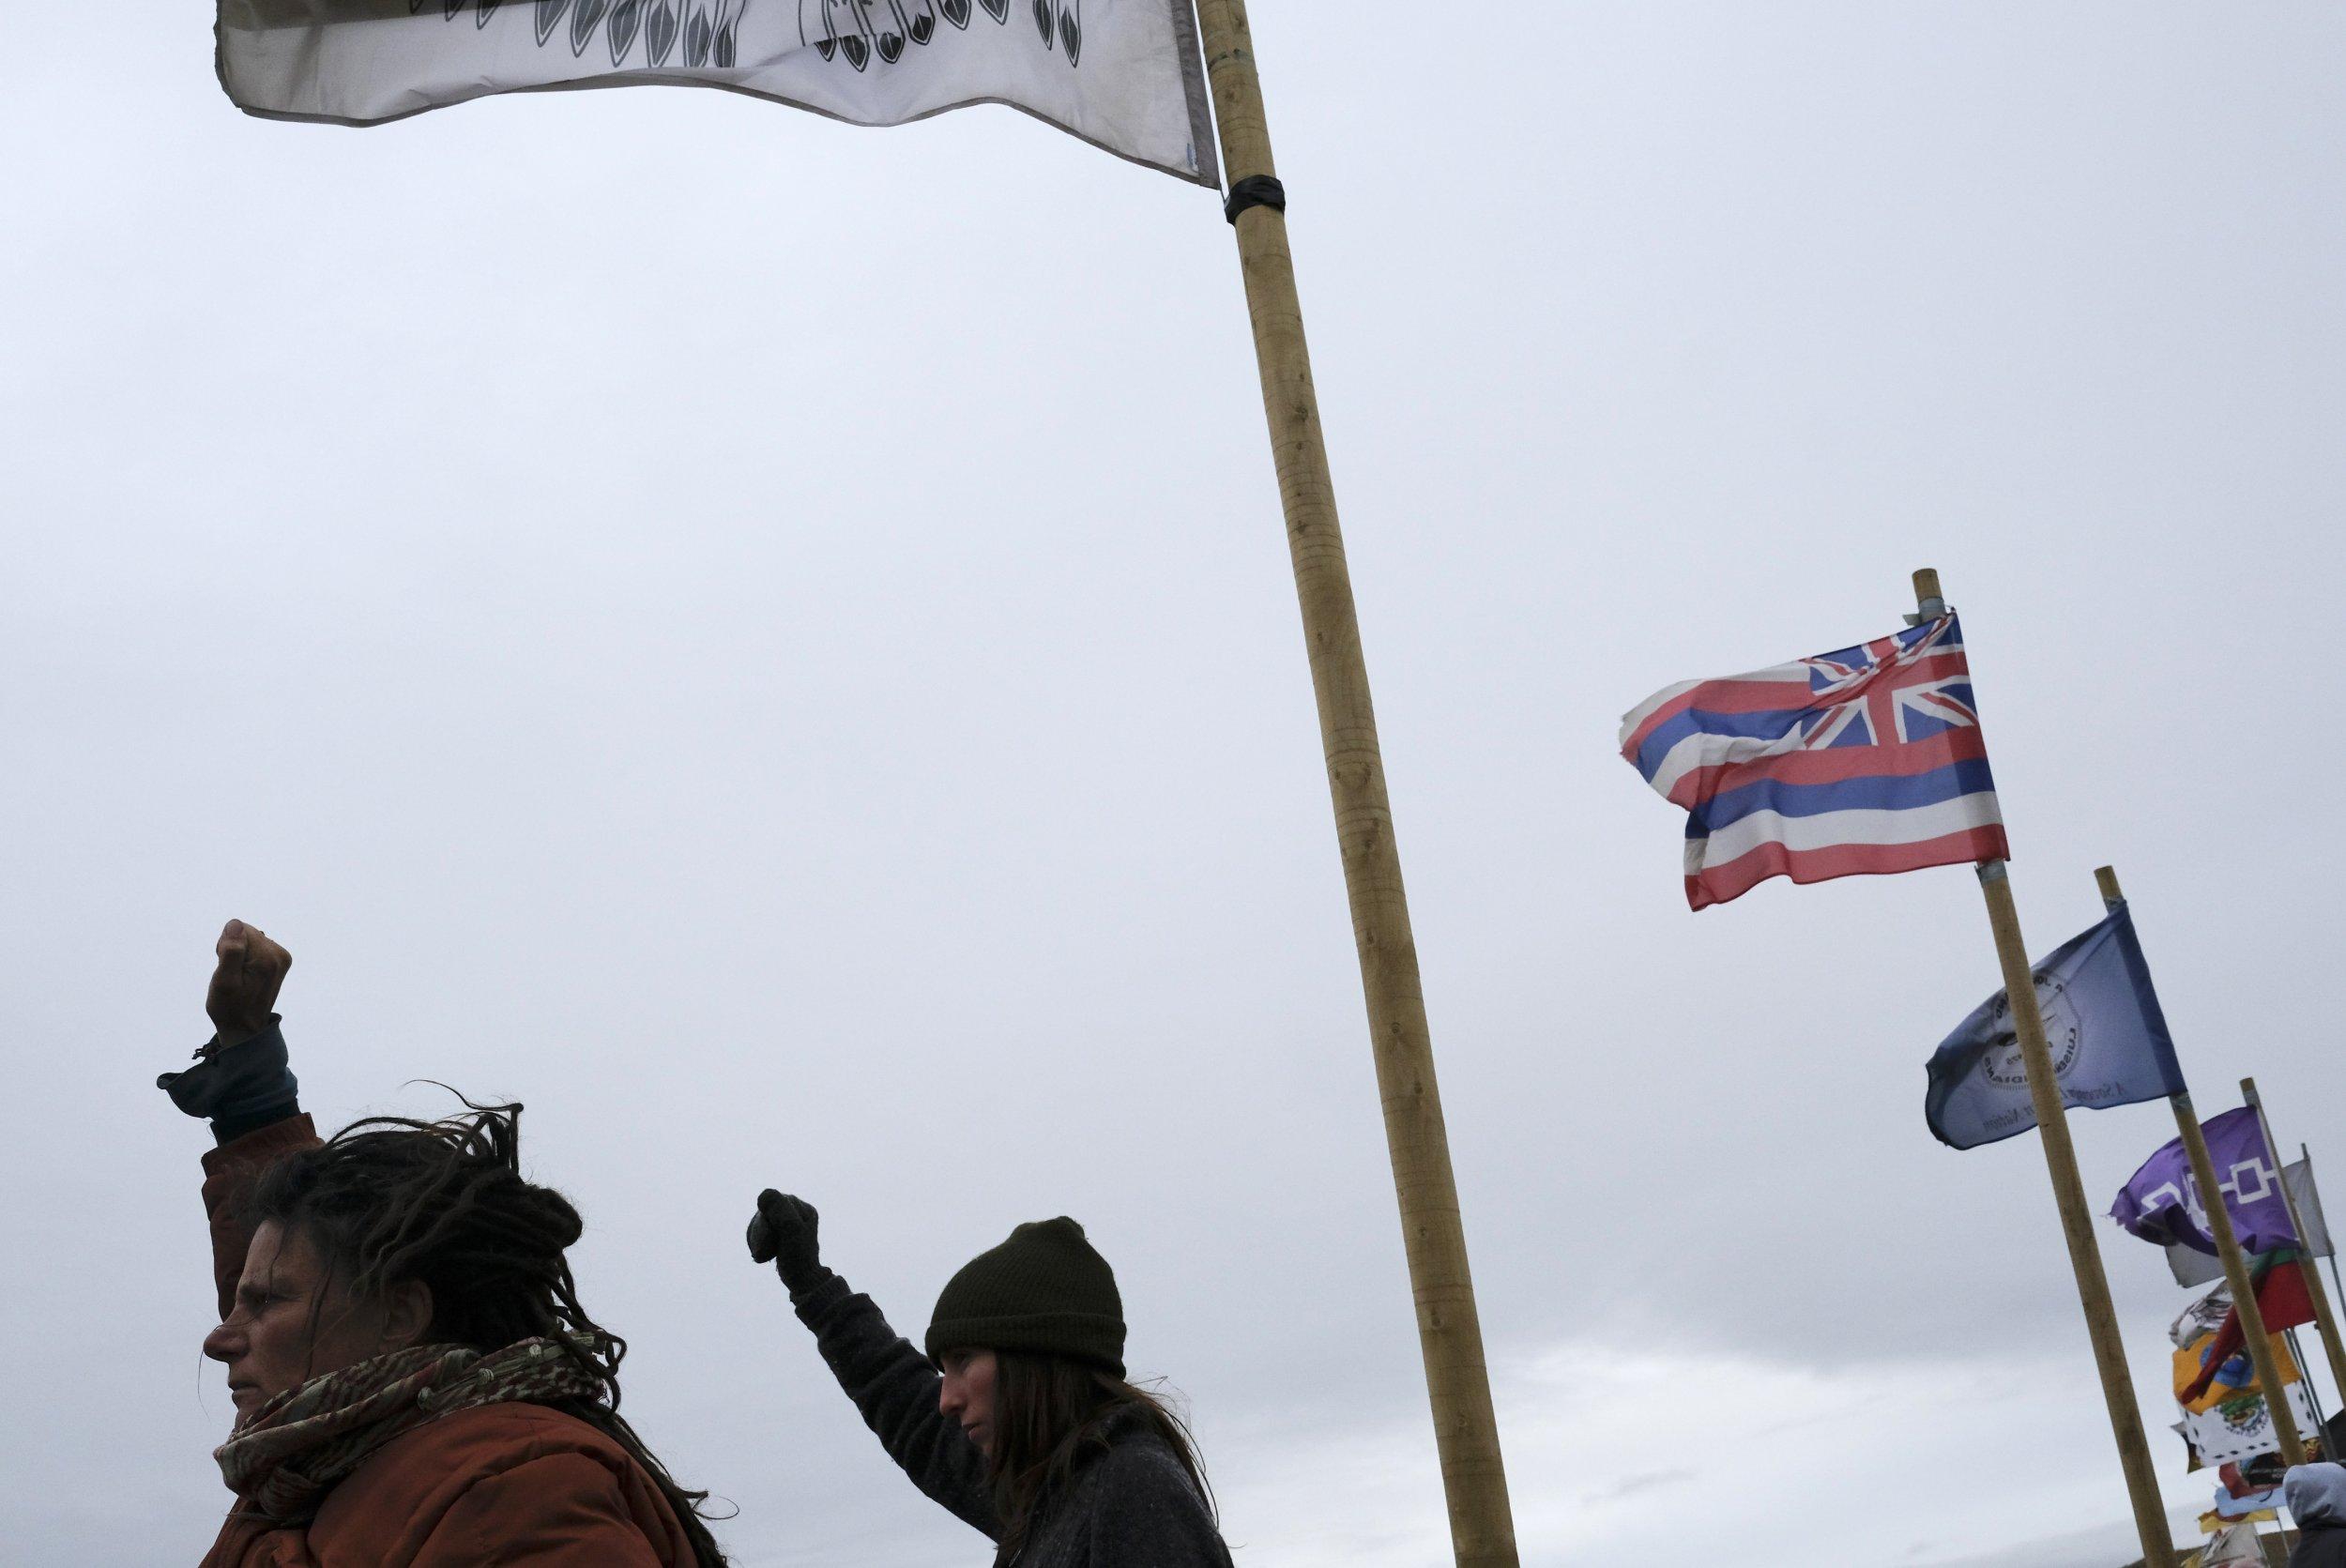 Native American Beliefs Key to Understanding Dakota Pipeline Protests